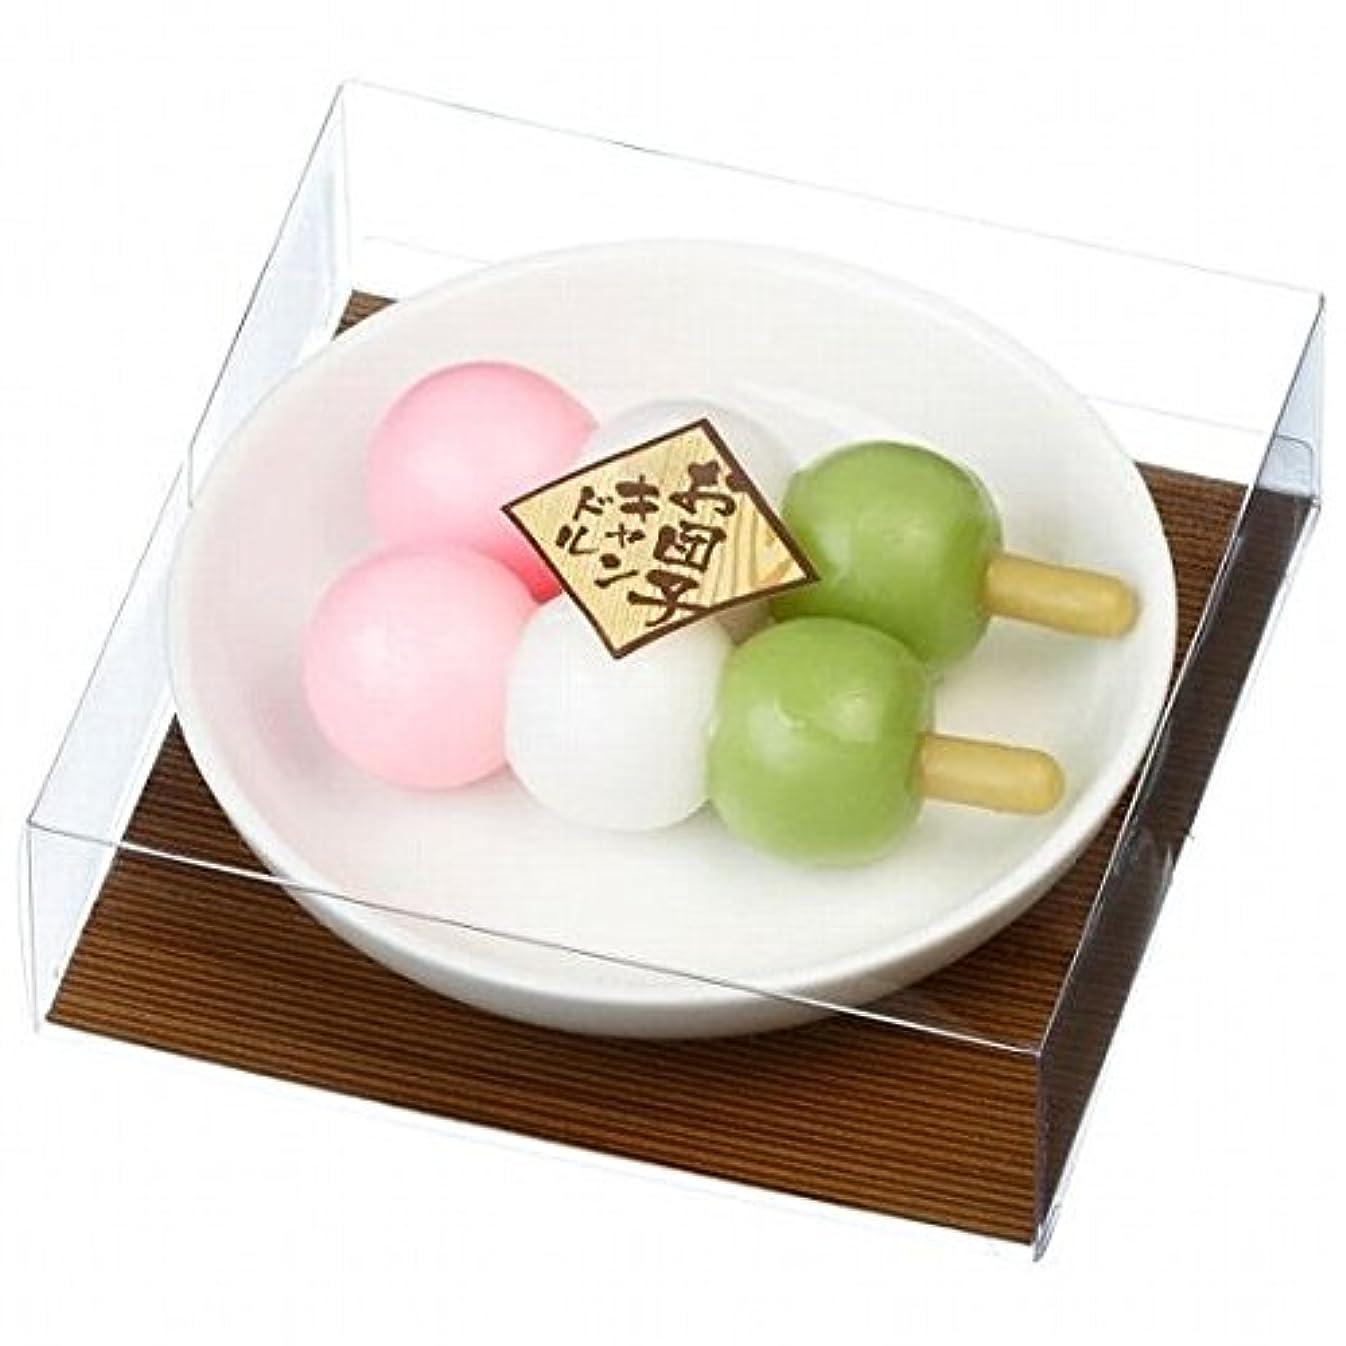 団結する再集計ルールkameyama candle(カメヤマキャンドル) お団子キャンドル(86020000)